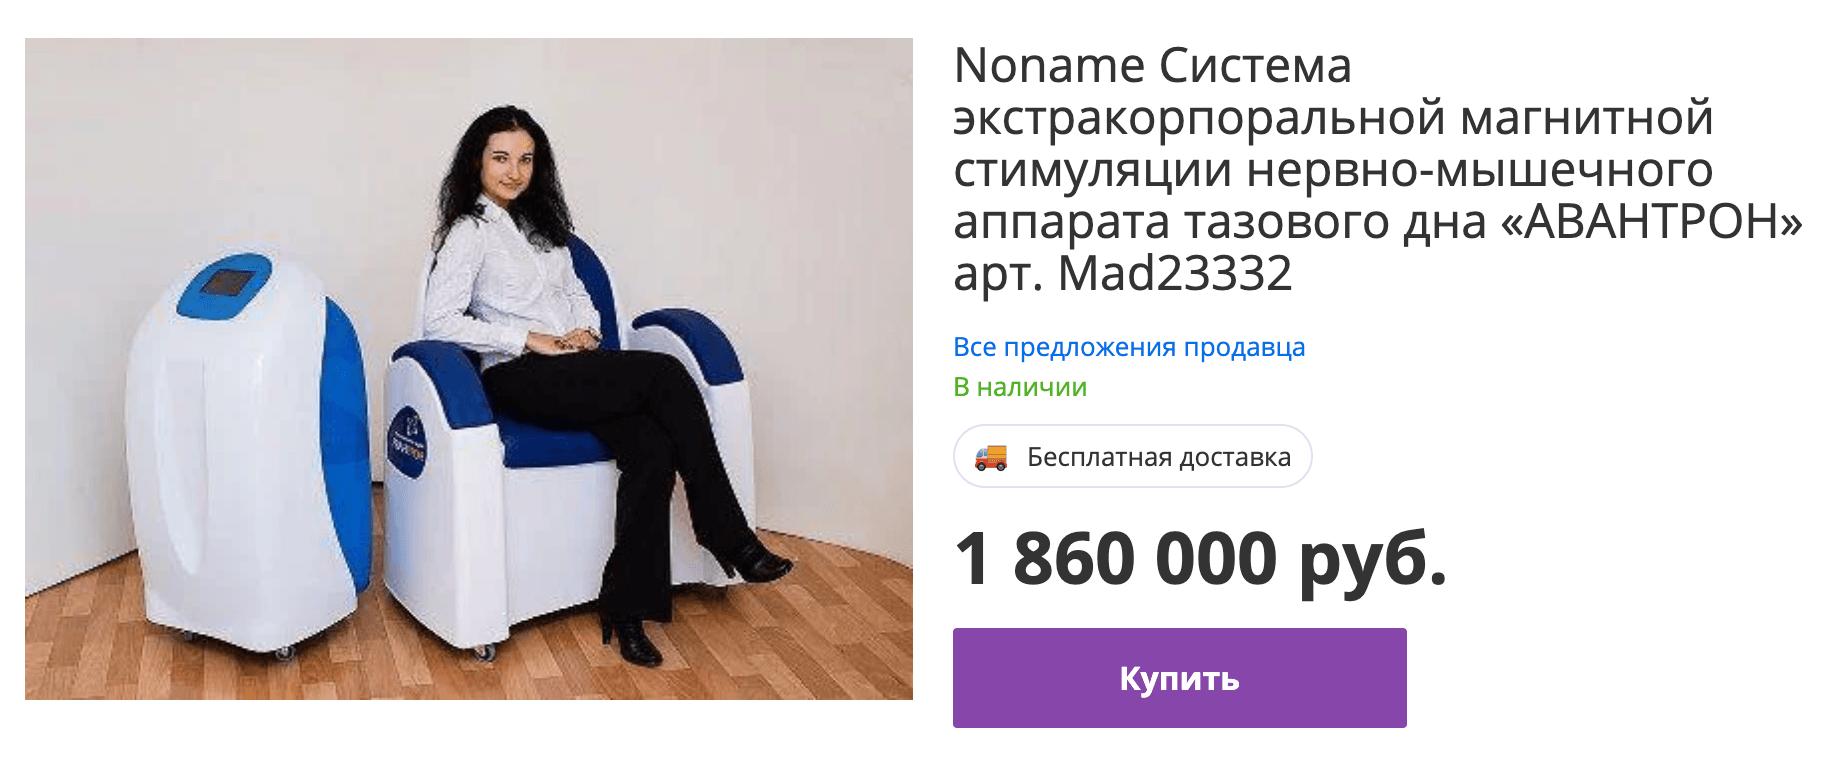 Аппарат «Авантрон» похож накресло, лечит (судя повсему) высокочастотным магнитным полем истоит почти два миллиона рублей